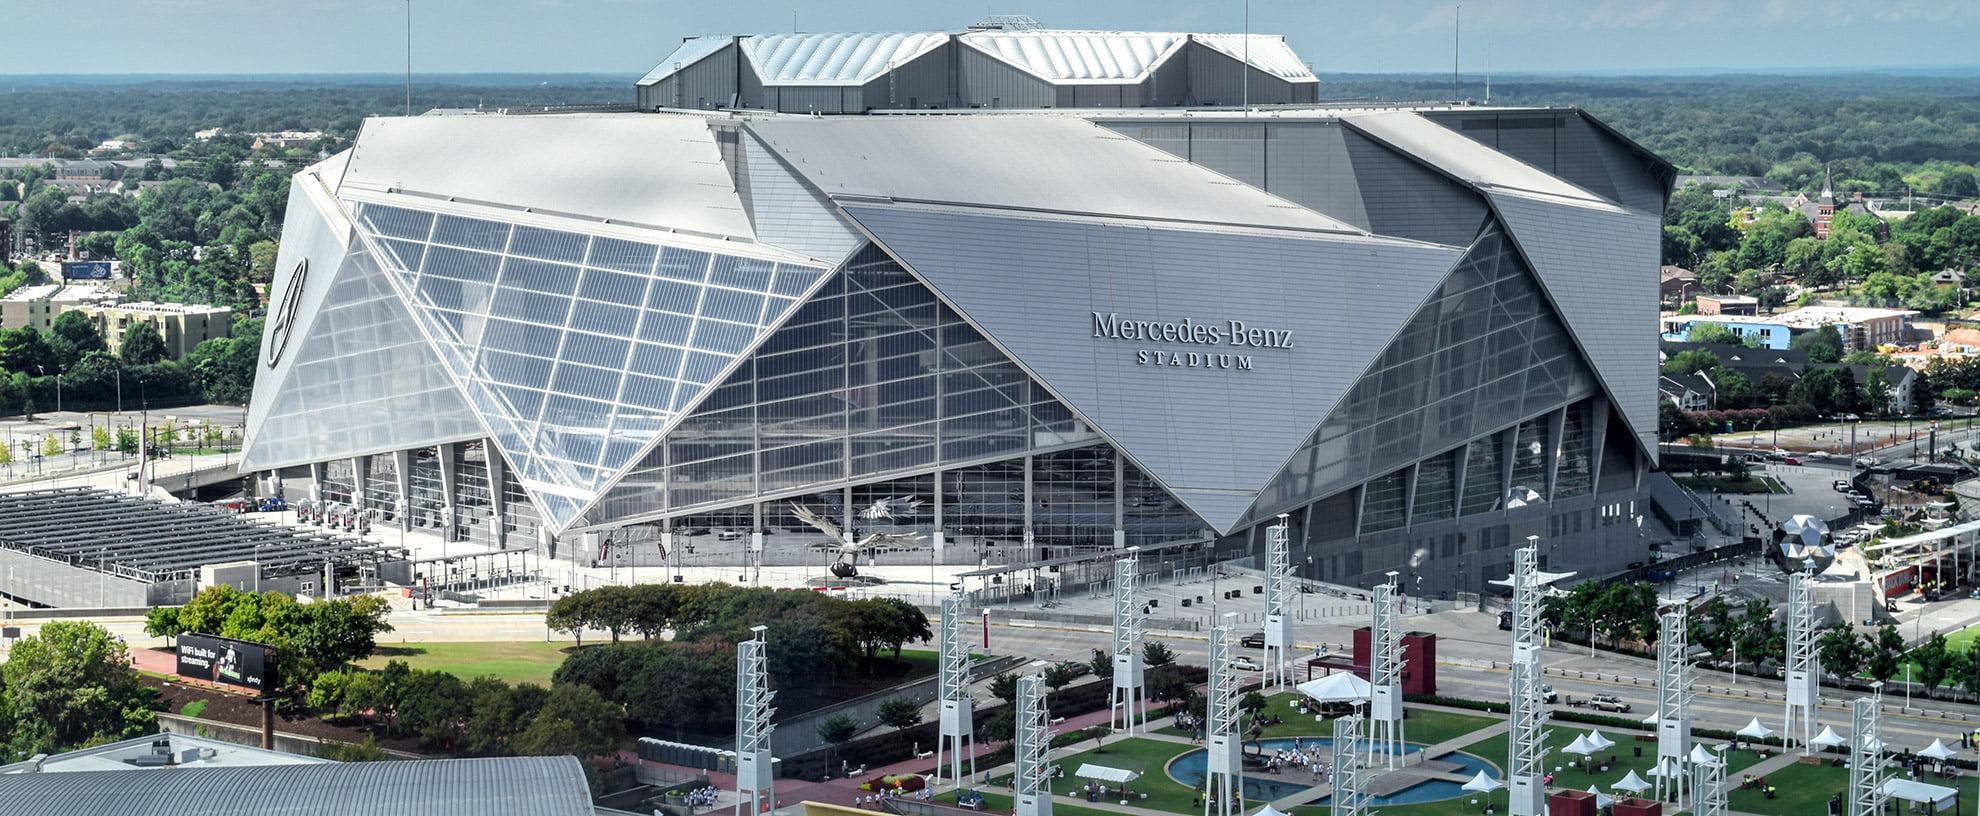 Mercedes-Benz Stadium (Atlanta Falcons)